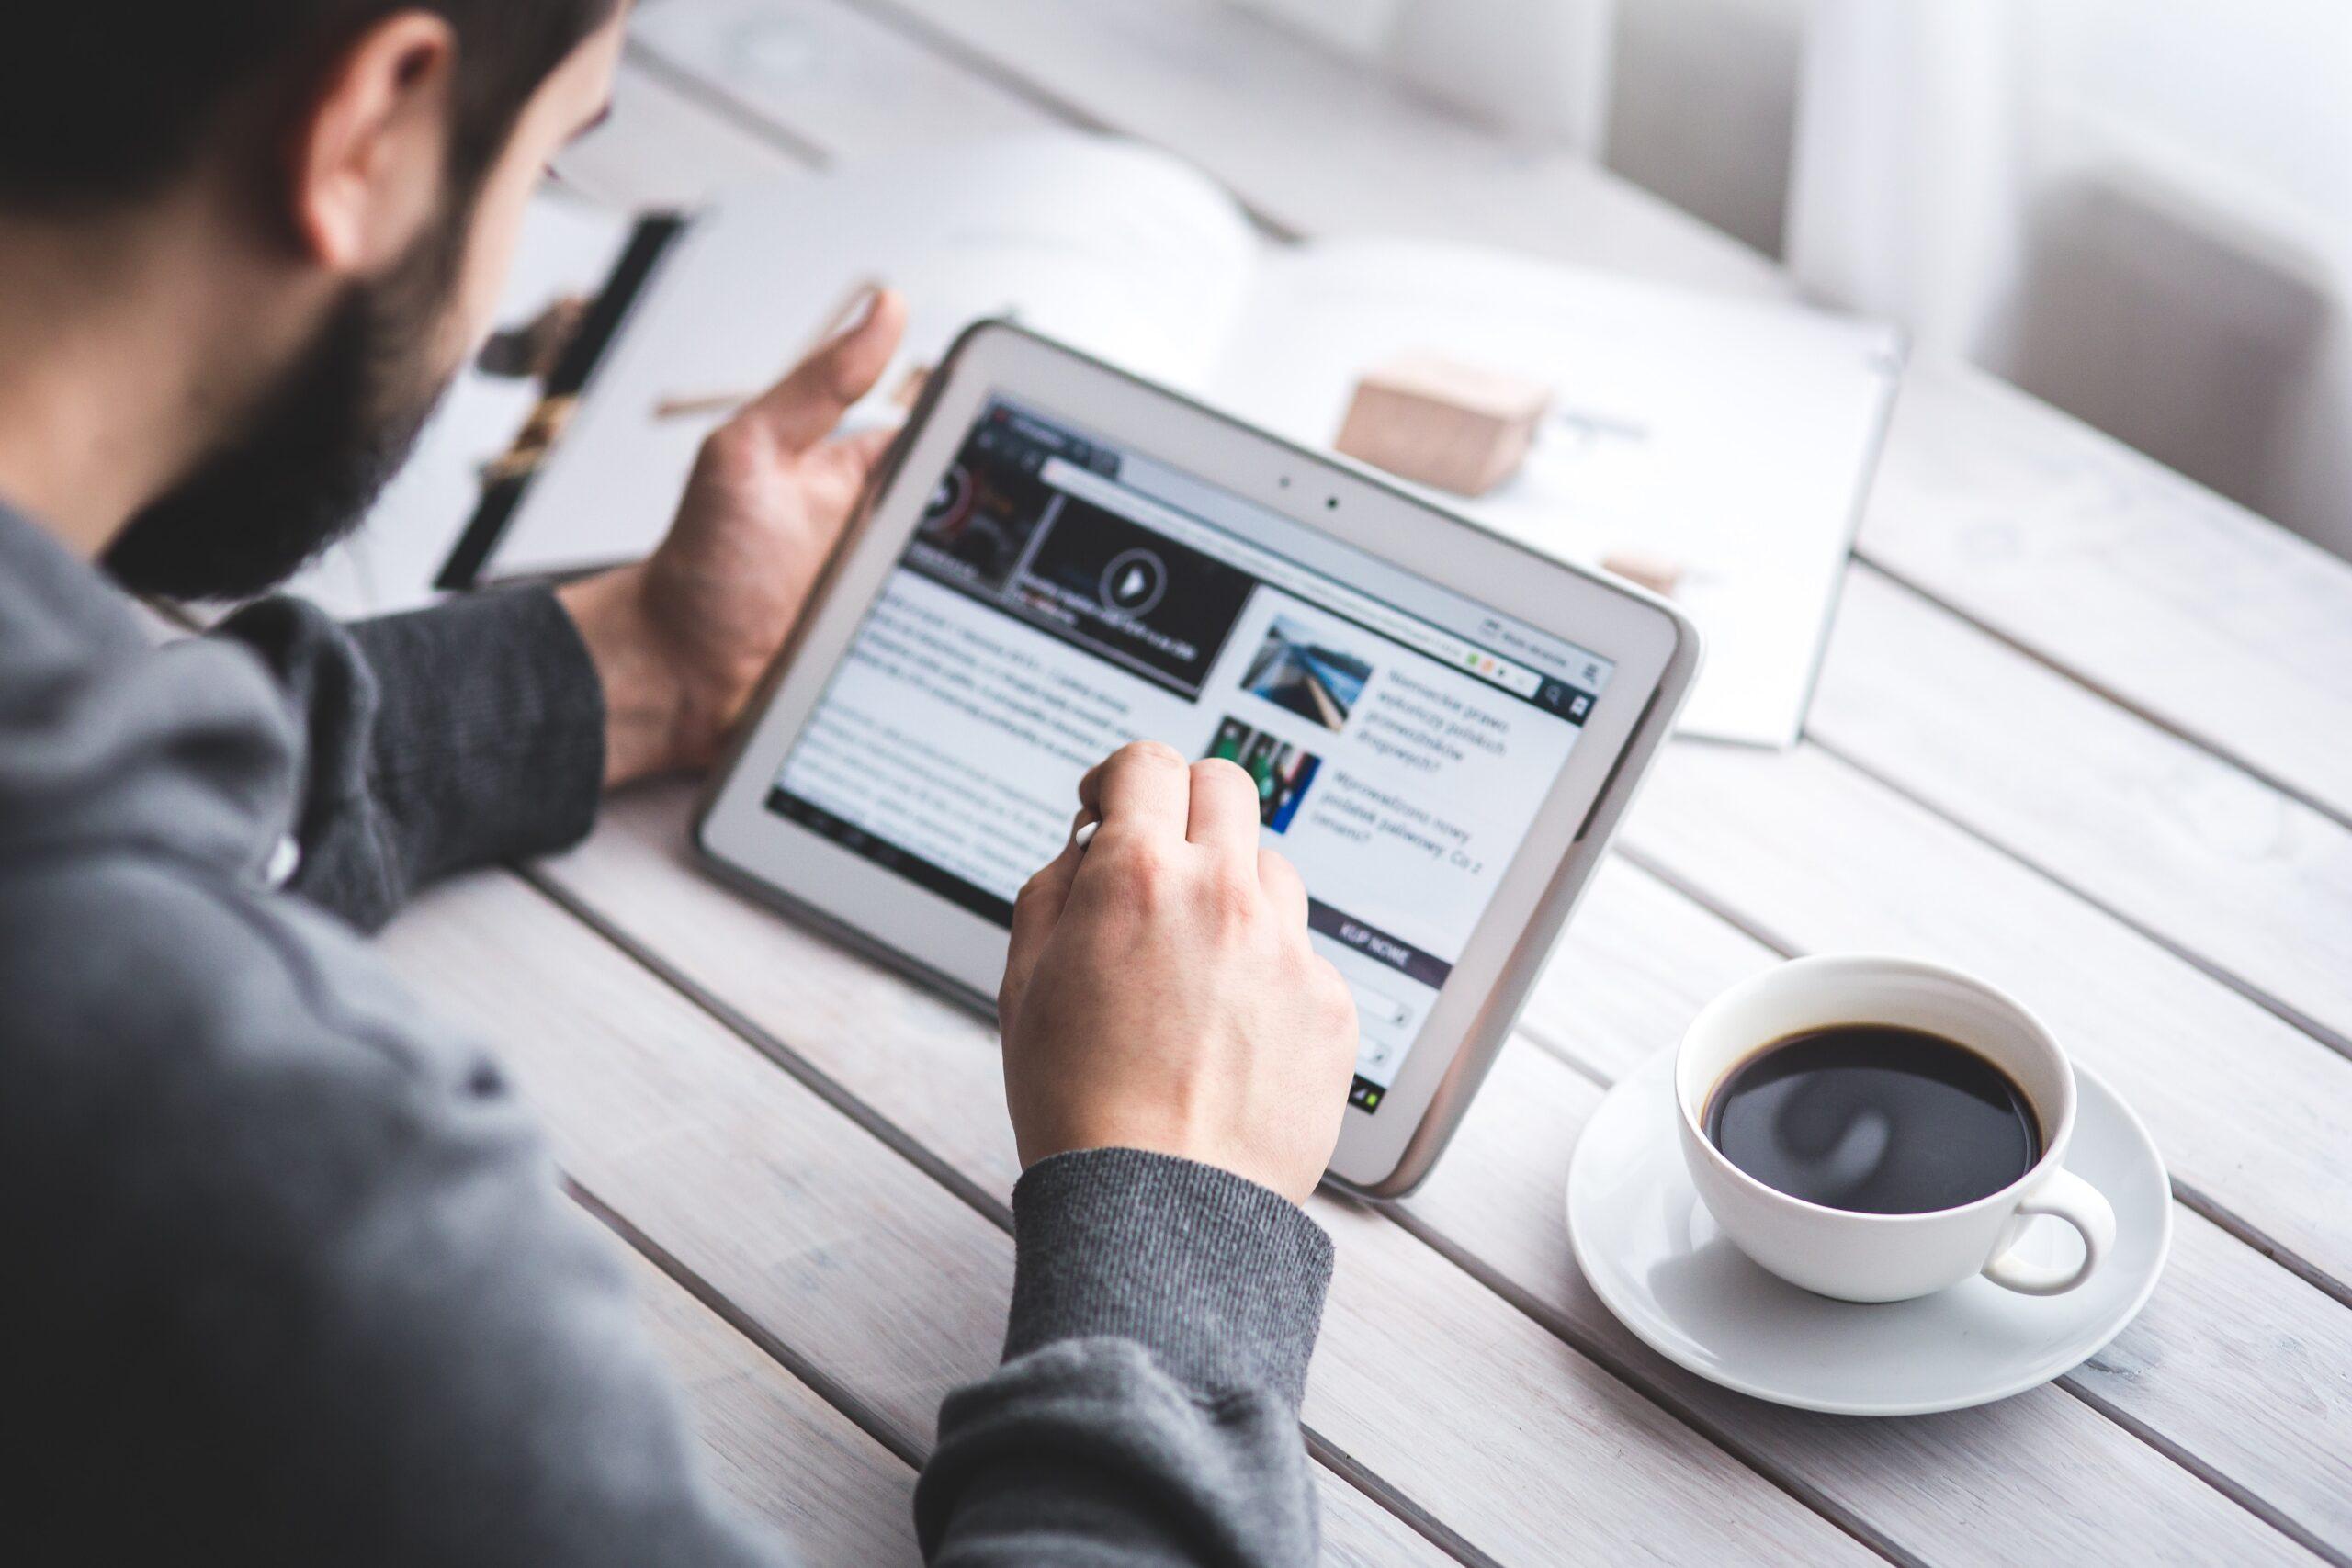 Combatir la desinformación: Guía para reconocer la veracidad y validez de la información en línea